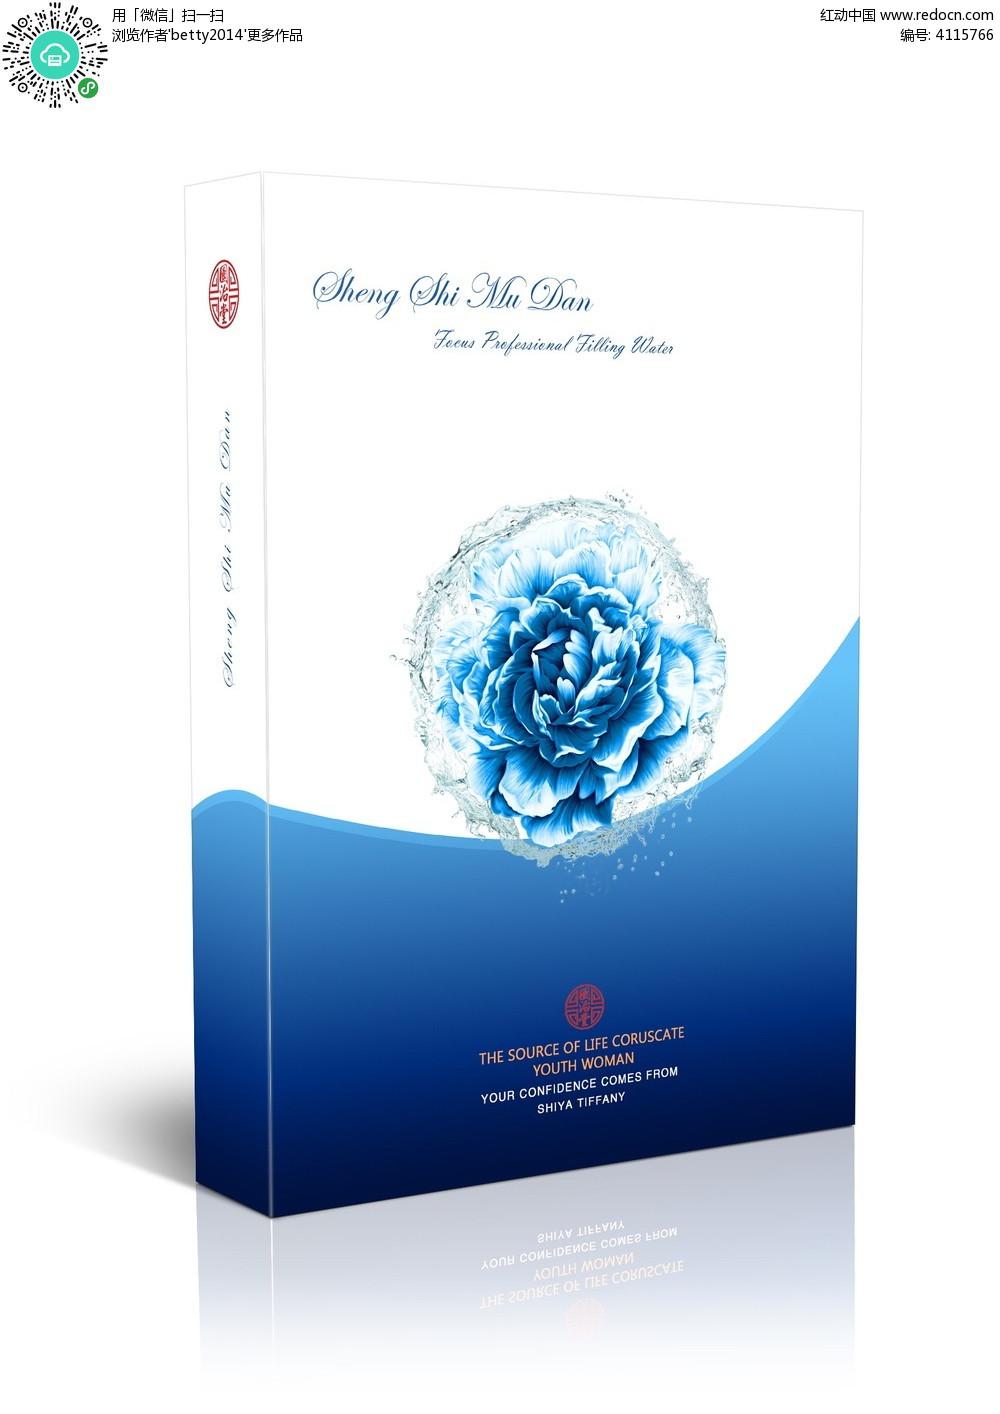 蓝色牡丹花精品包装礼盒设计